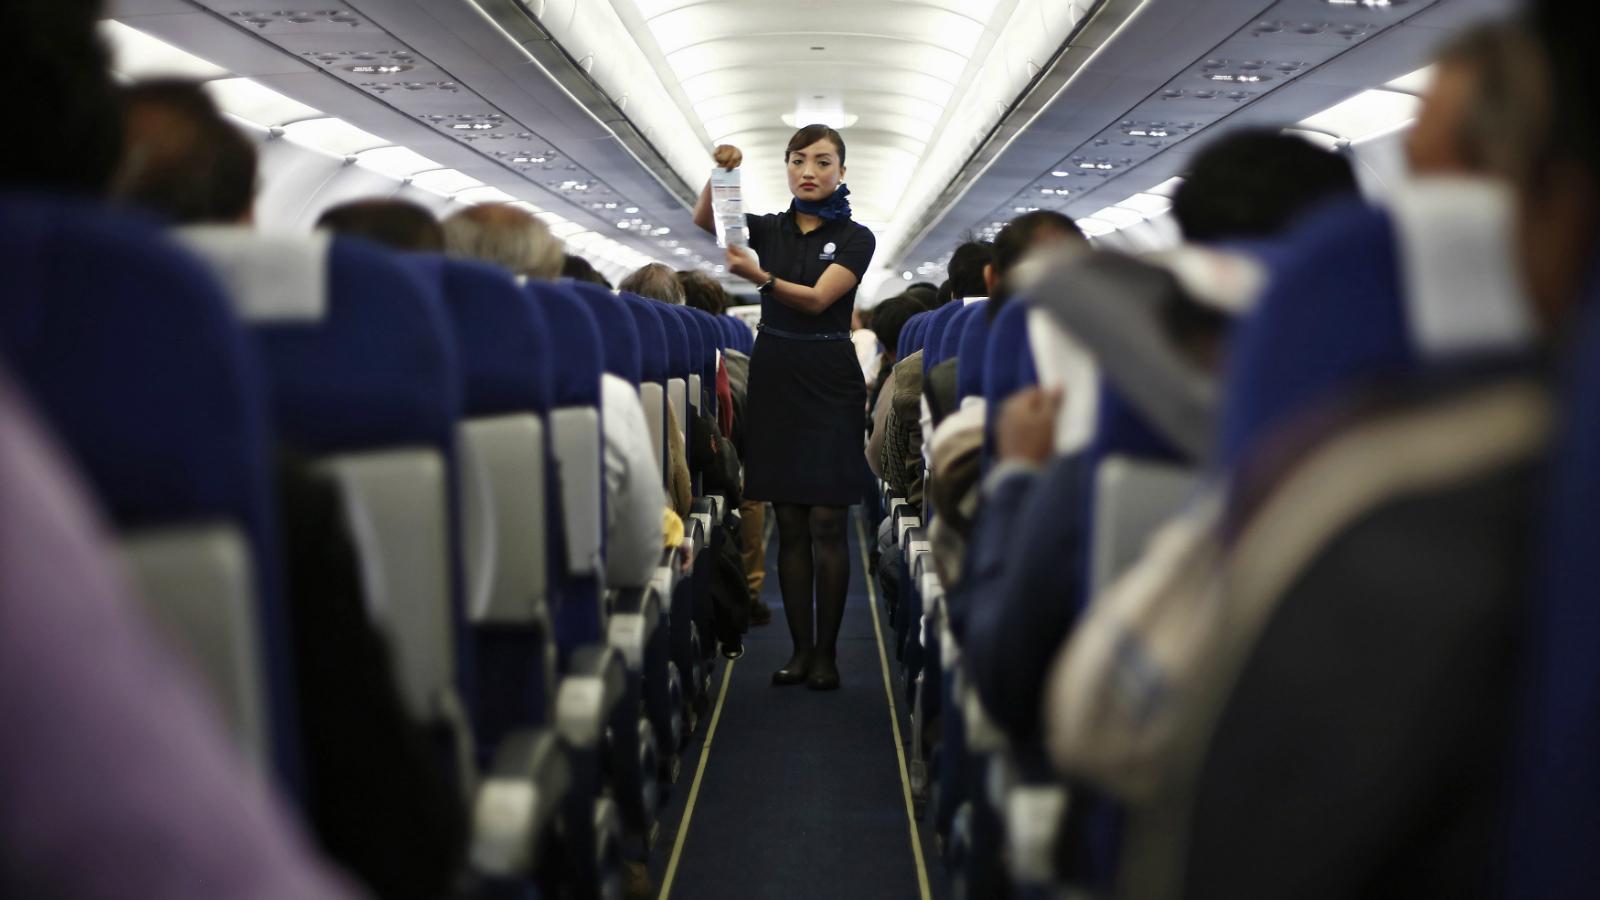 美媒试图为印度航企持续运营困境找原因:总是追求乘客而非追求利润